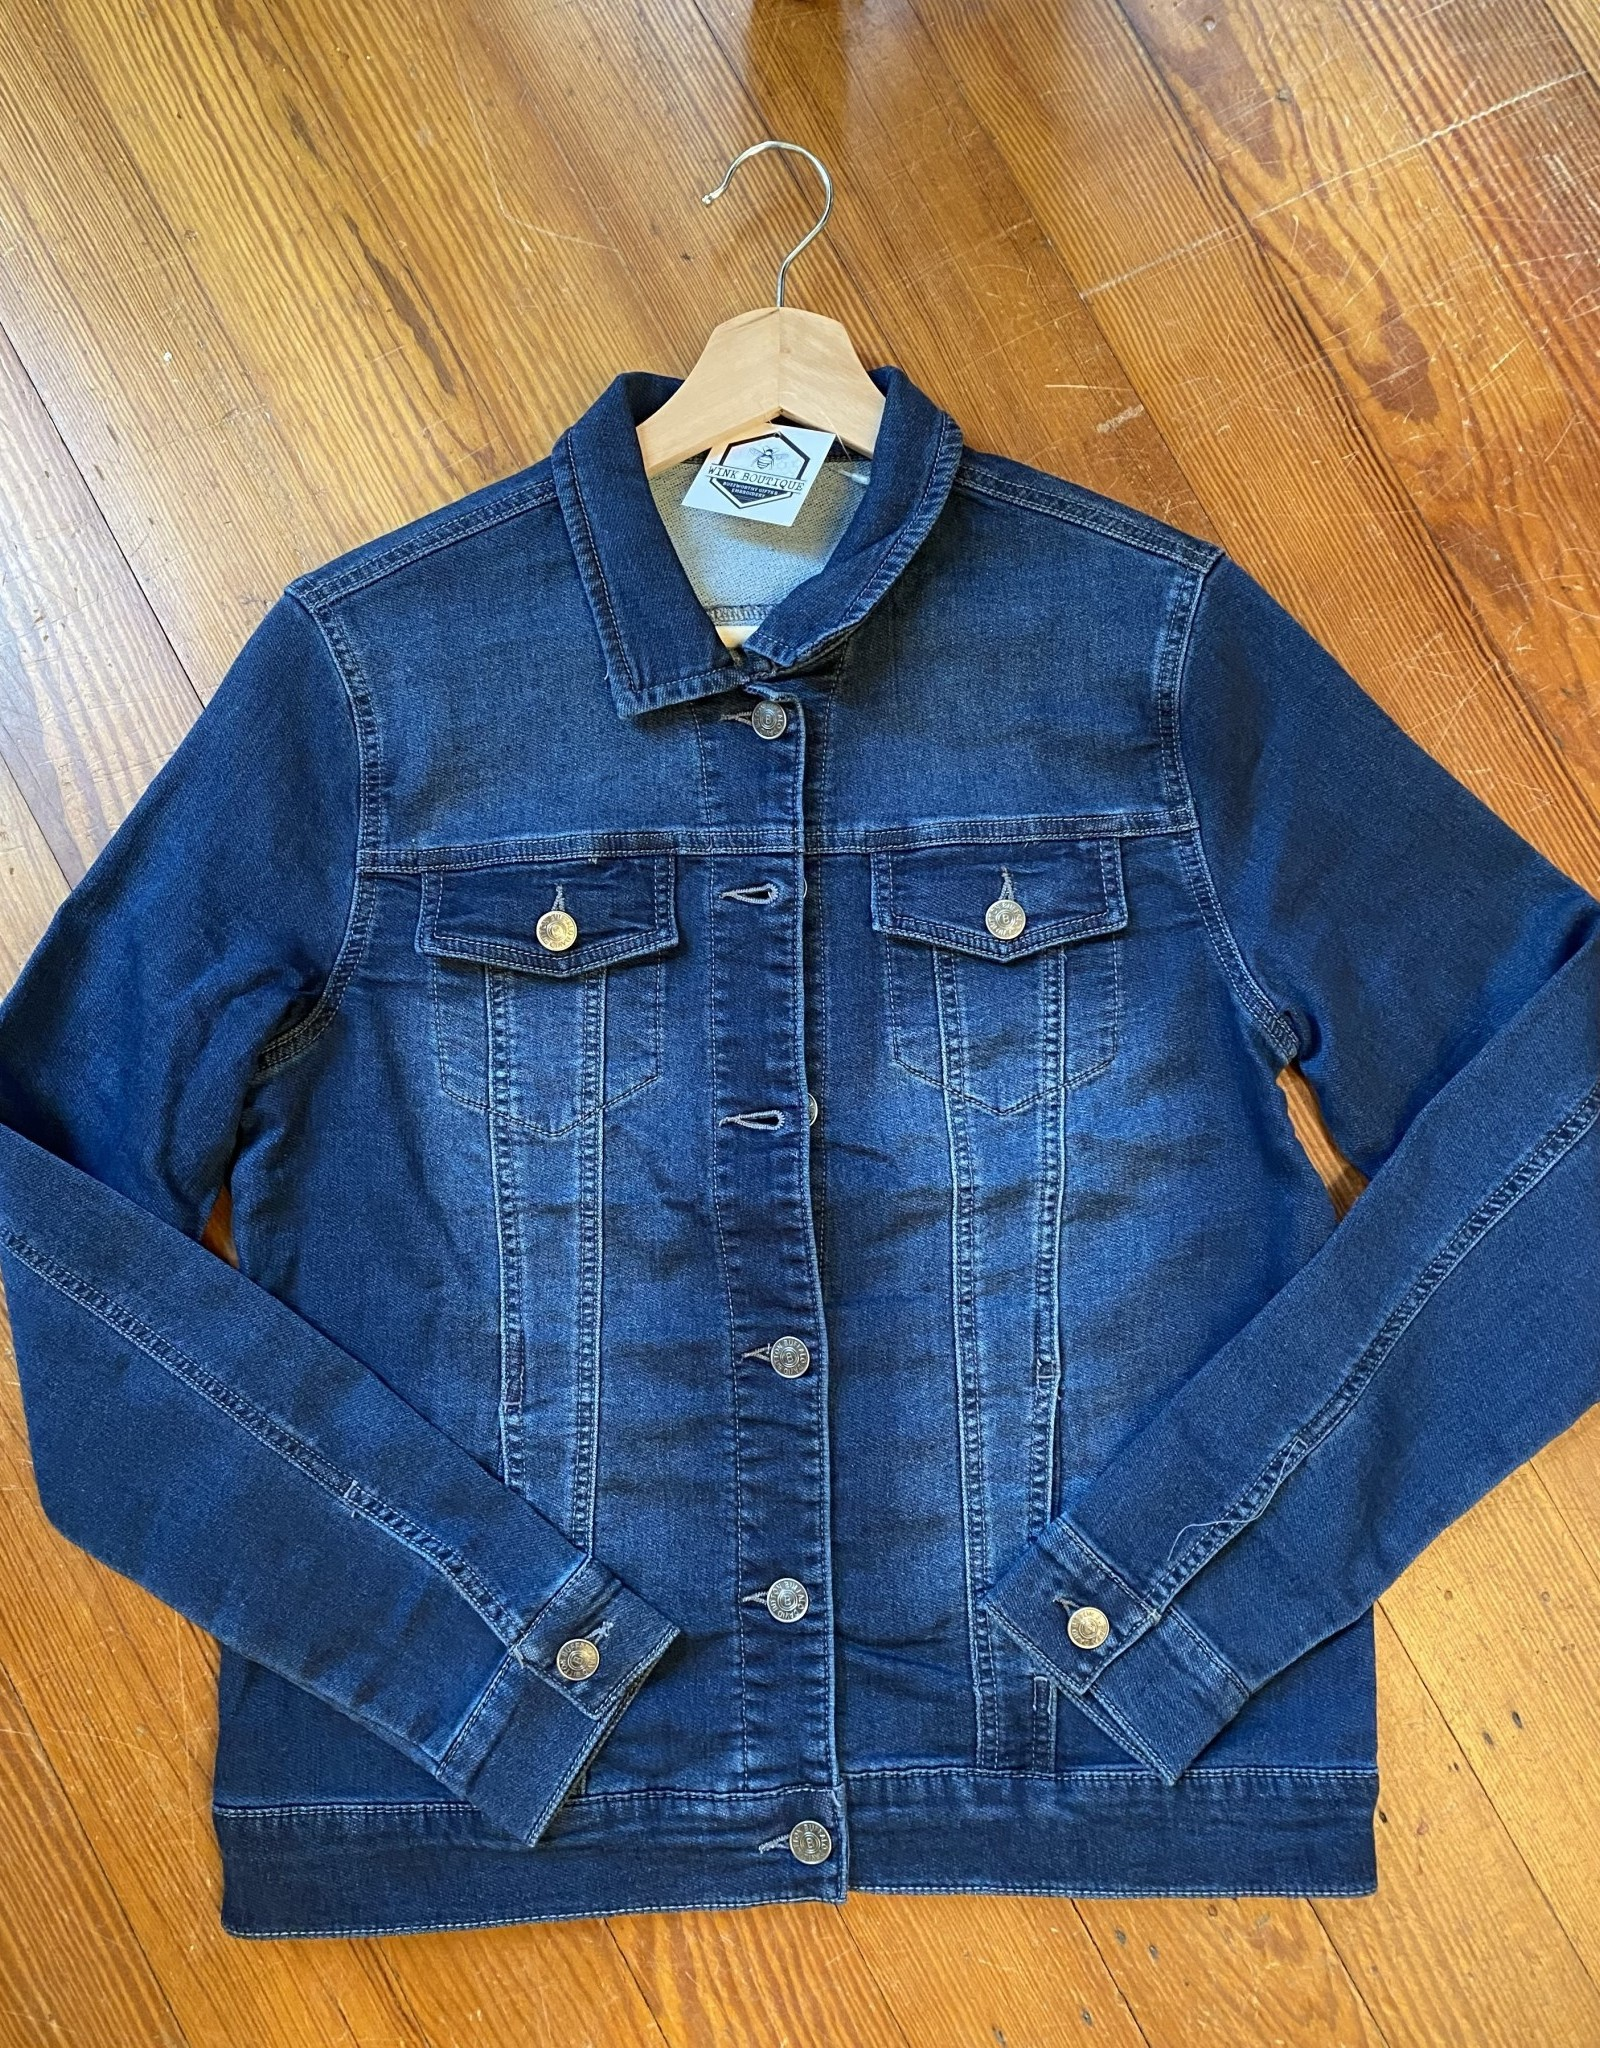 Wink Lightweight Denim Jacket